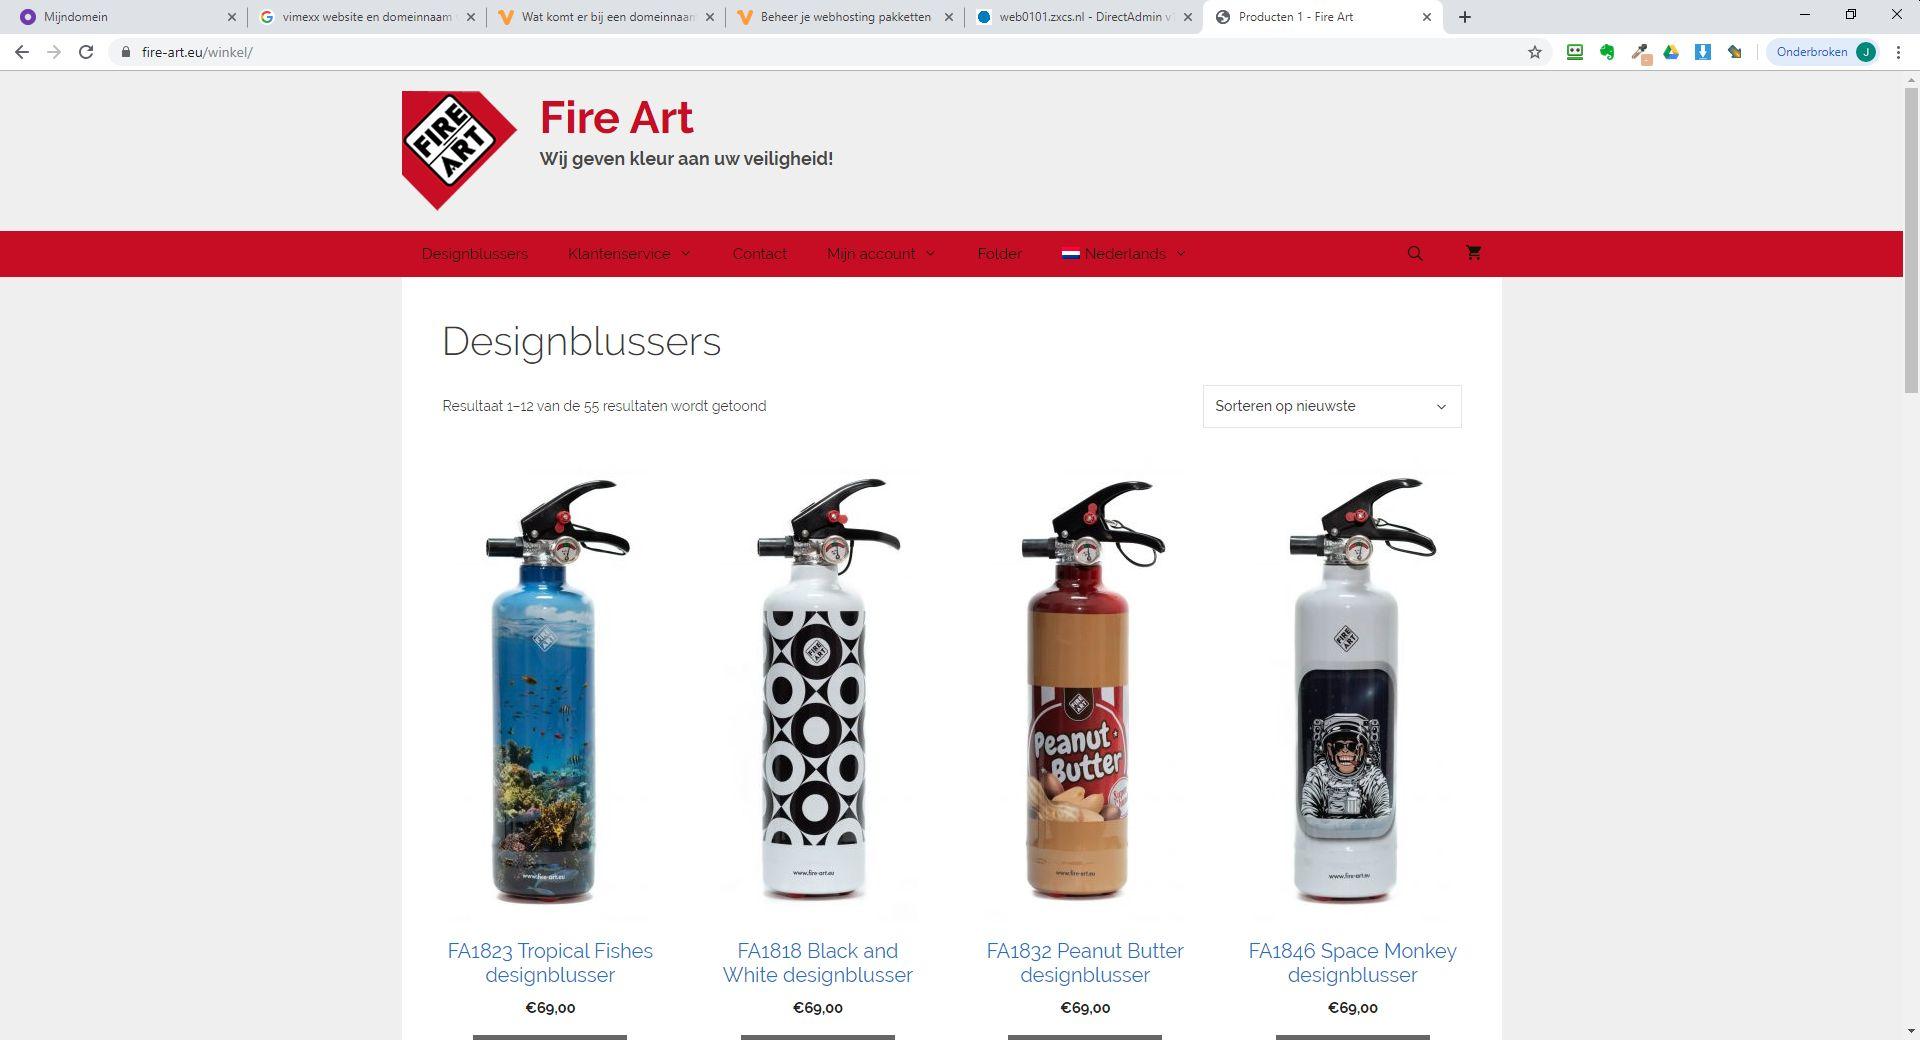 fire-art images dutch showing.jpg